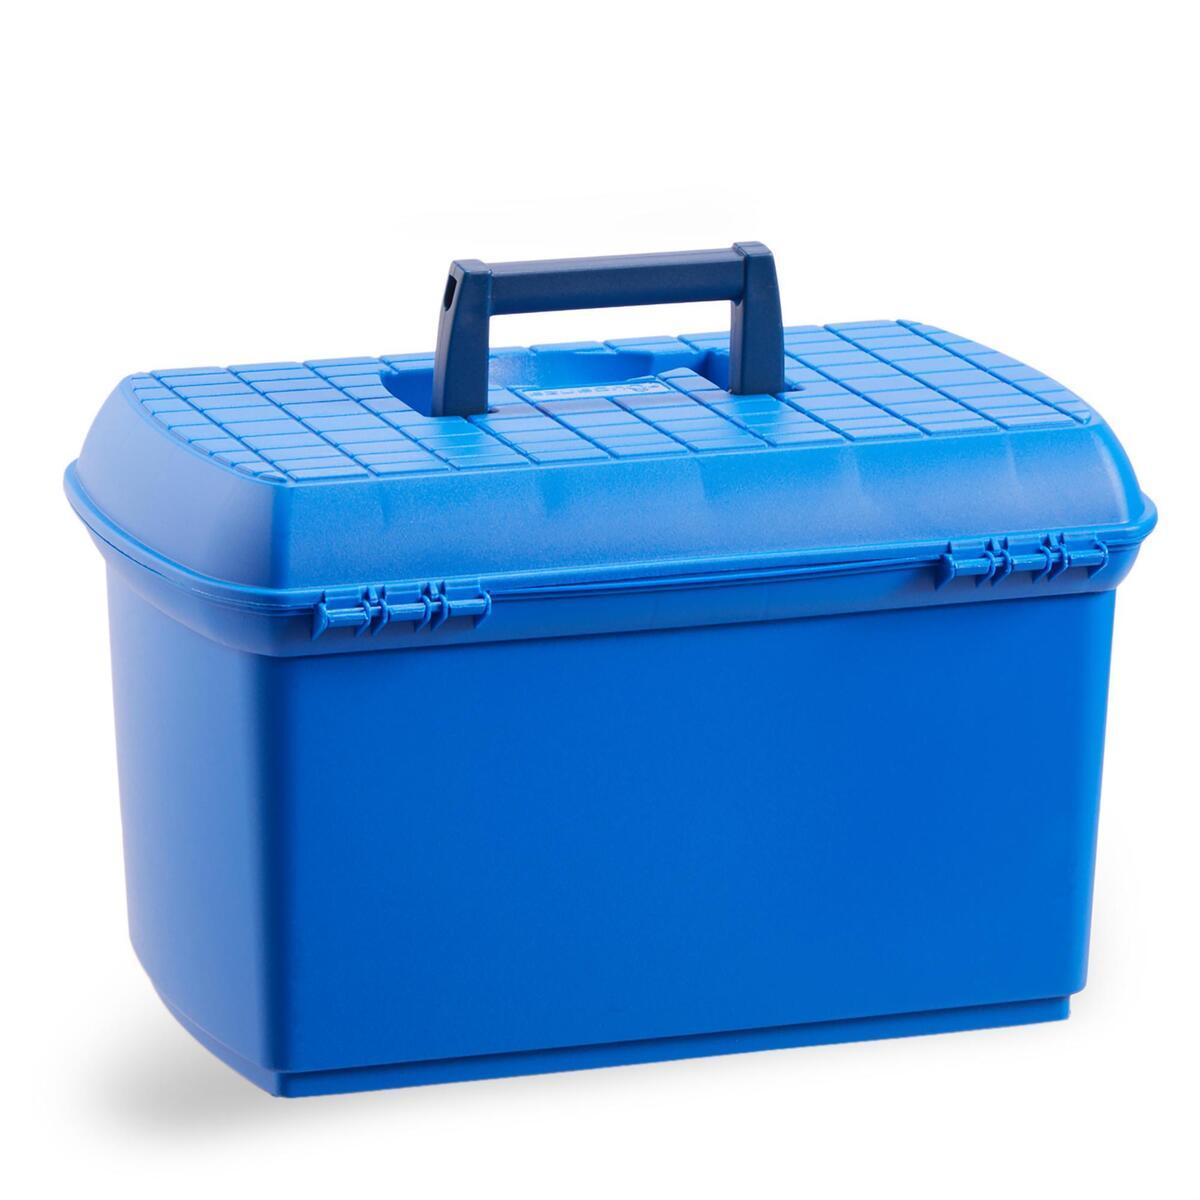 Bild 2 von Putzkasten 500 Reiten electric blue/marineblau